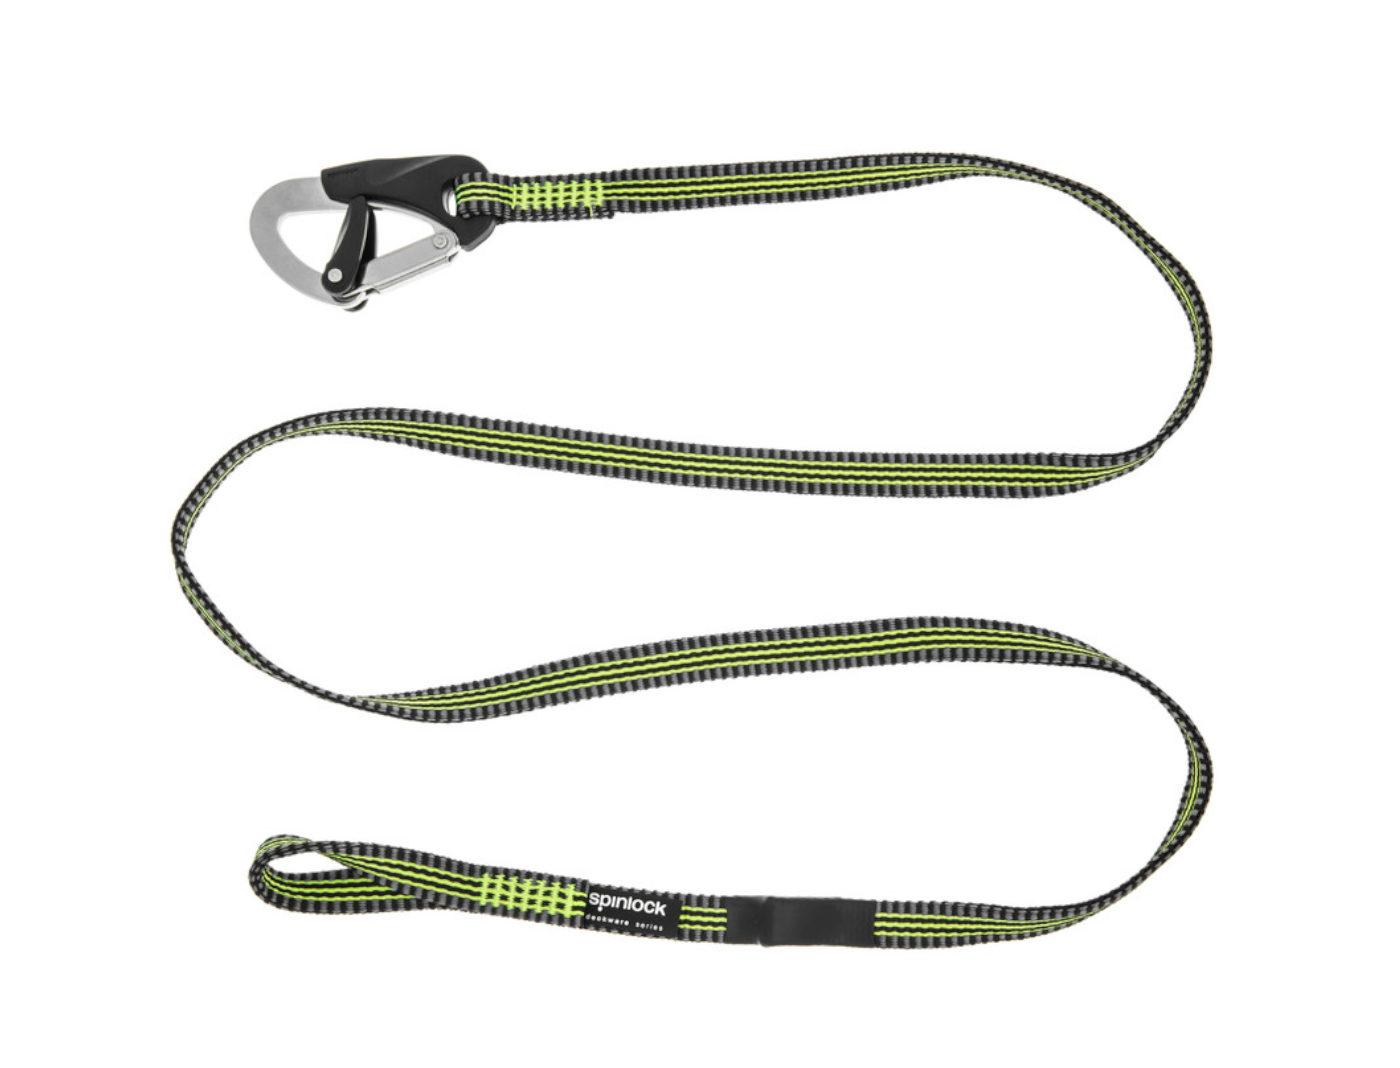 1 Clip & 1 Link Safety Line